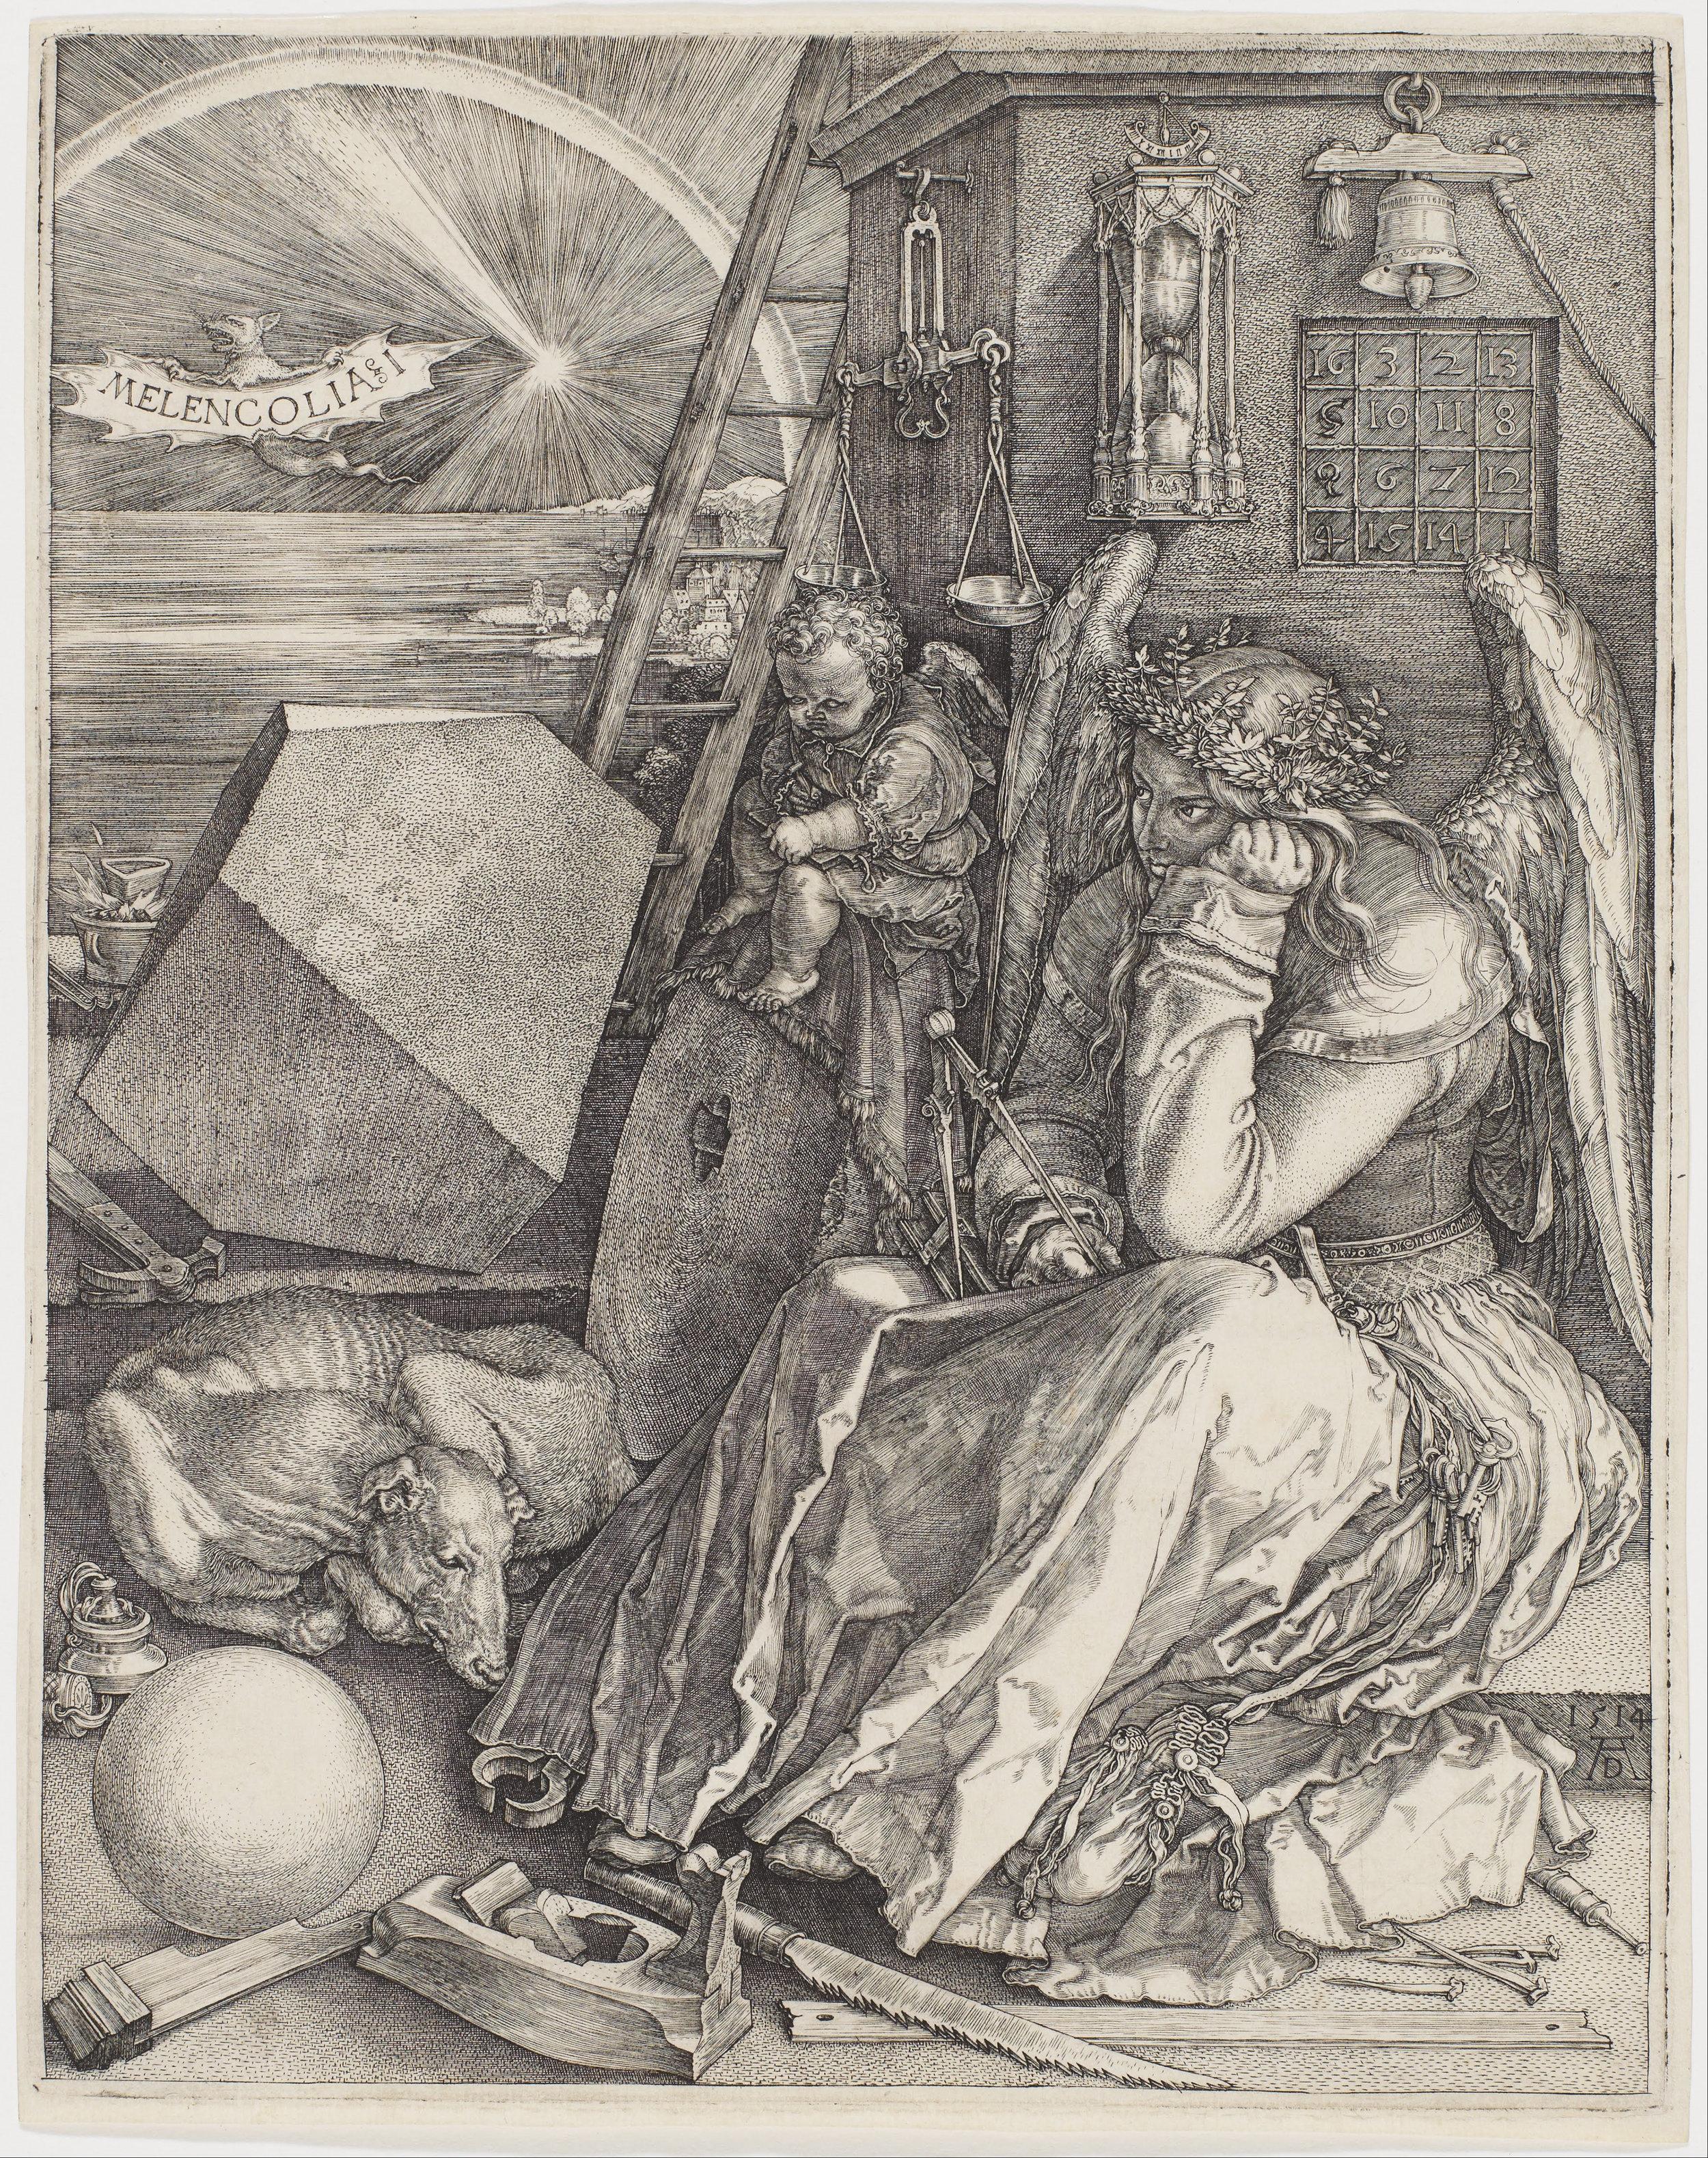 Albrecht Dürer's engraving  Melencolia §I  (1514)